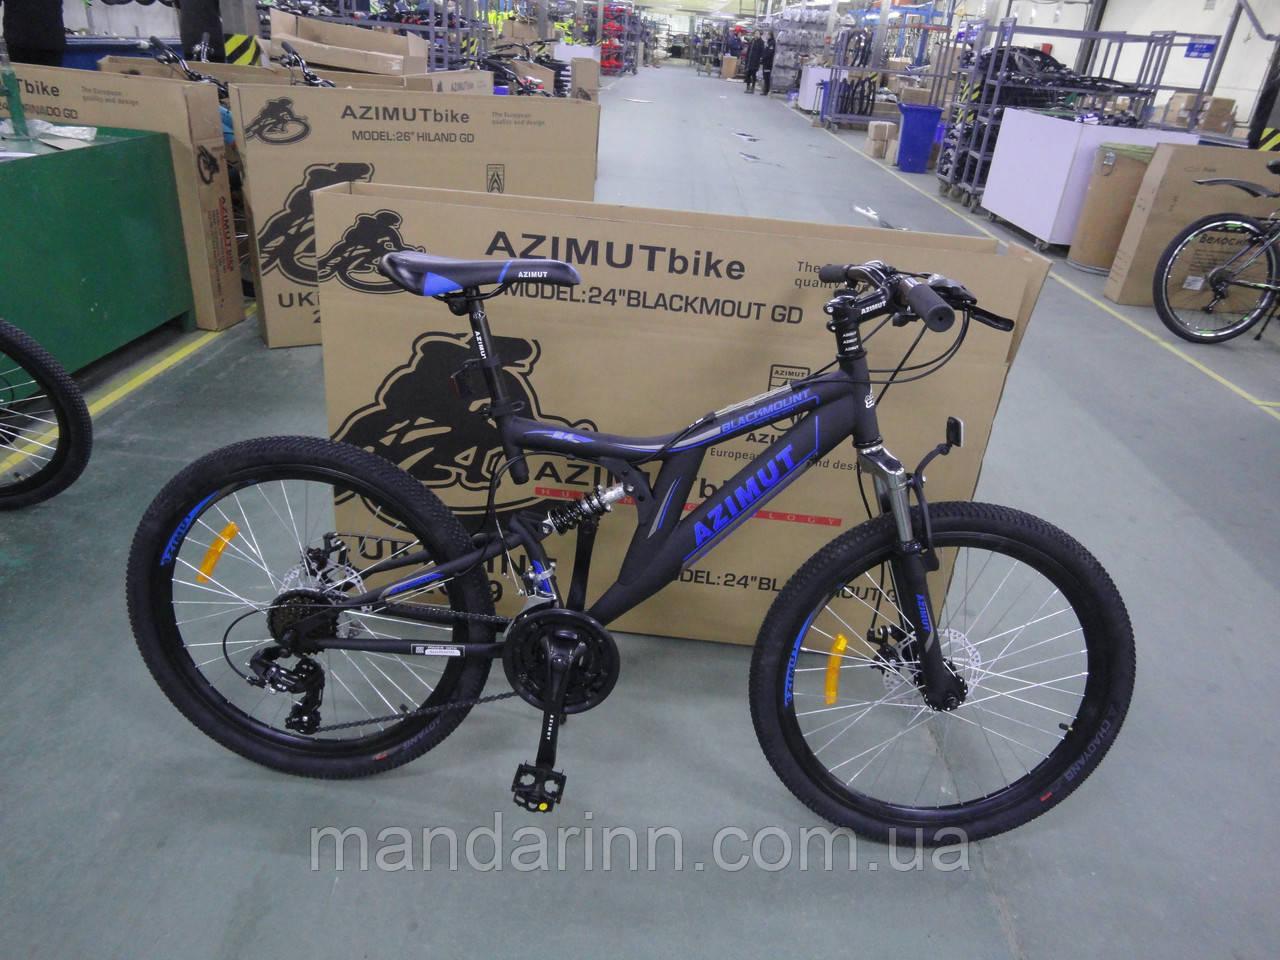 Велосипед Azimut Blackmount 24 дюйма. Дисковые тормоза. Черно-синий